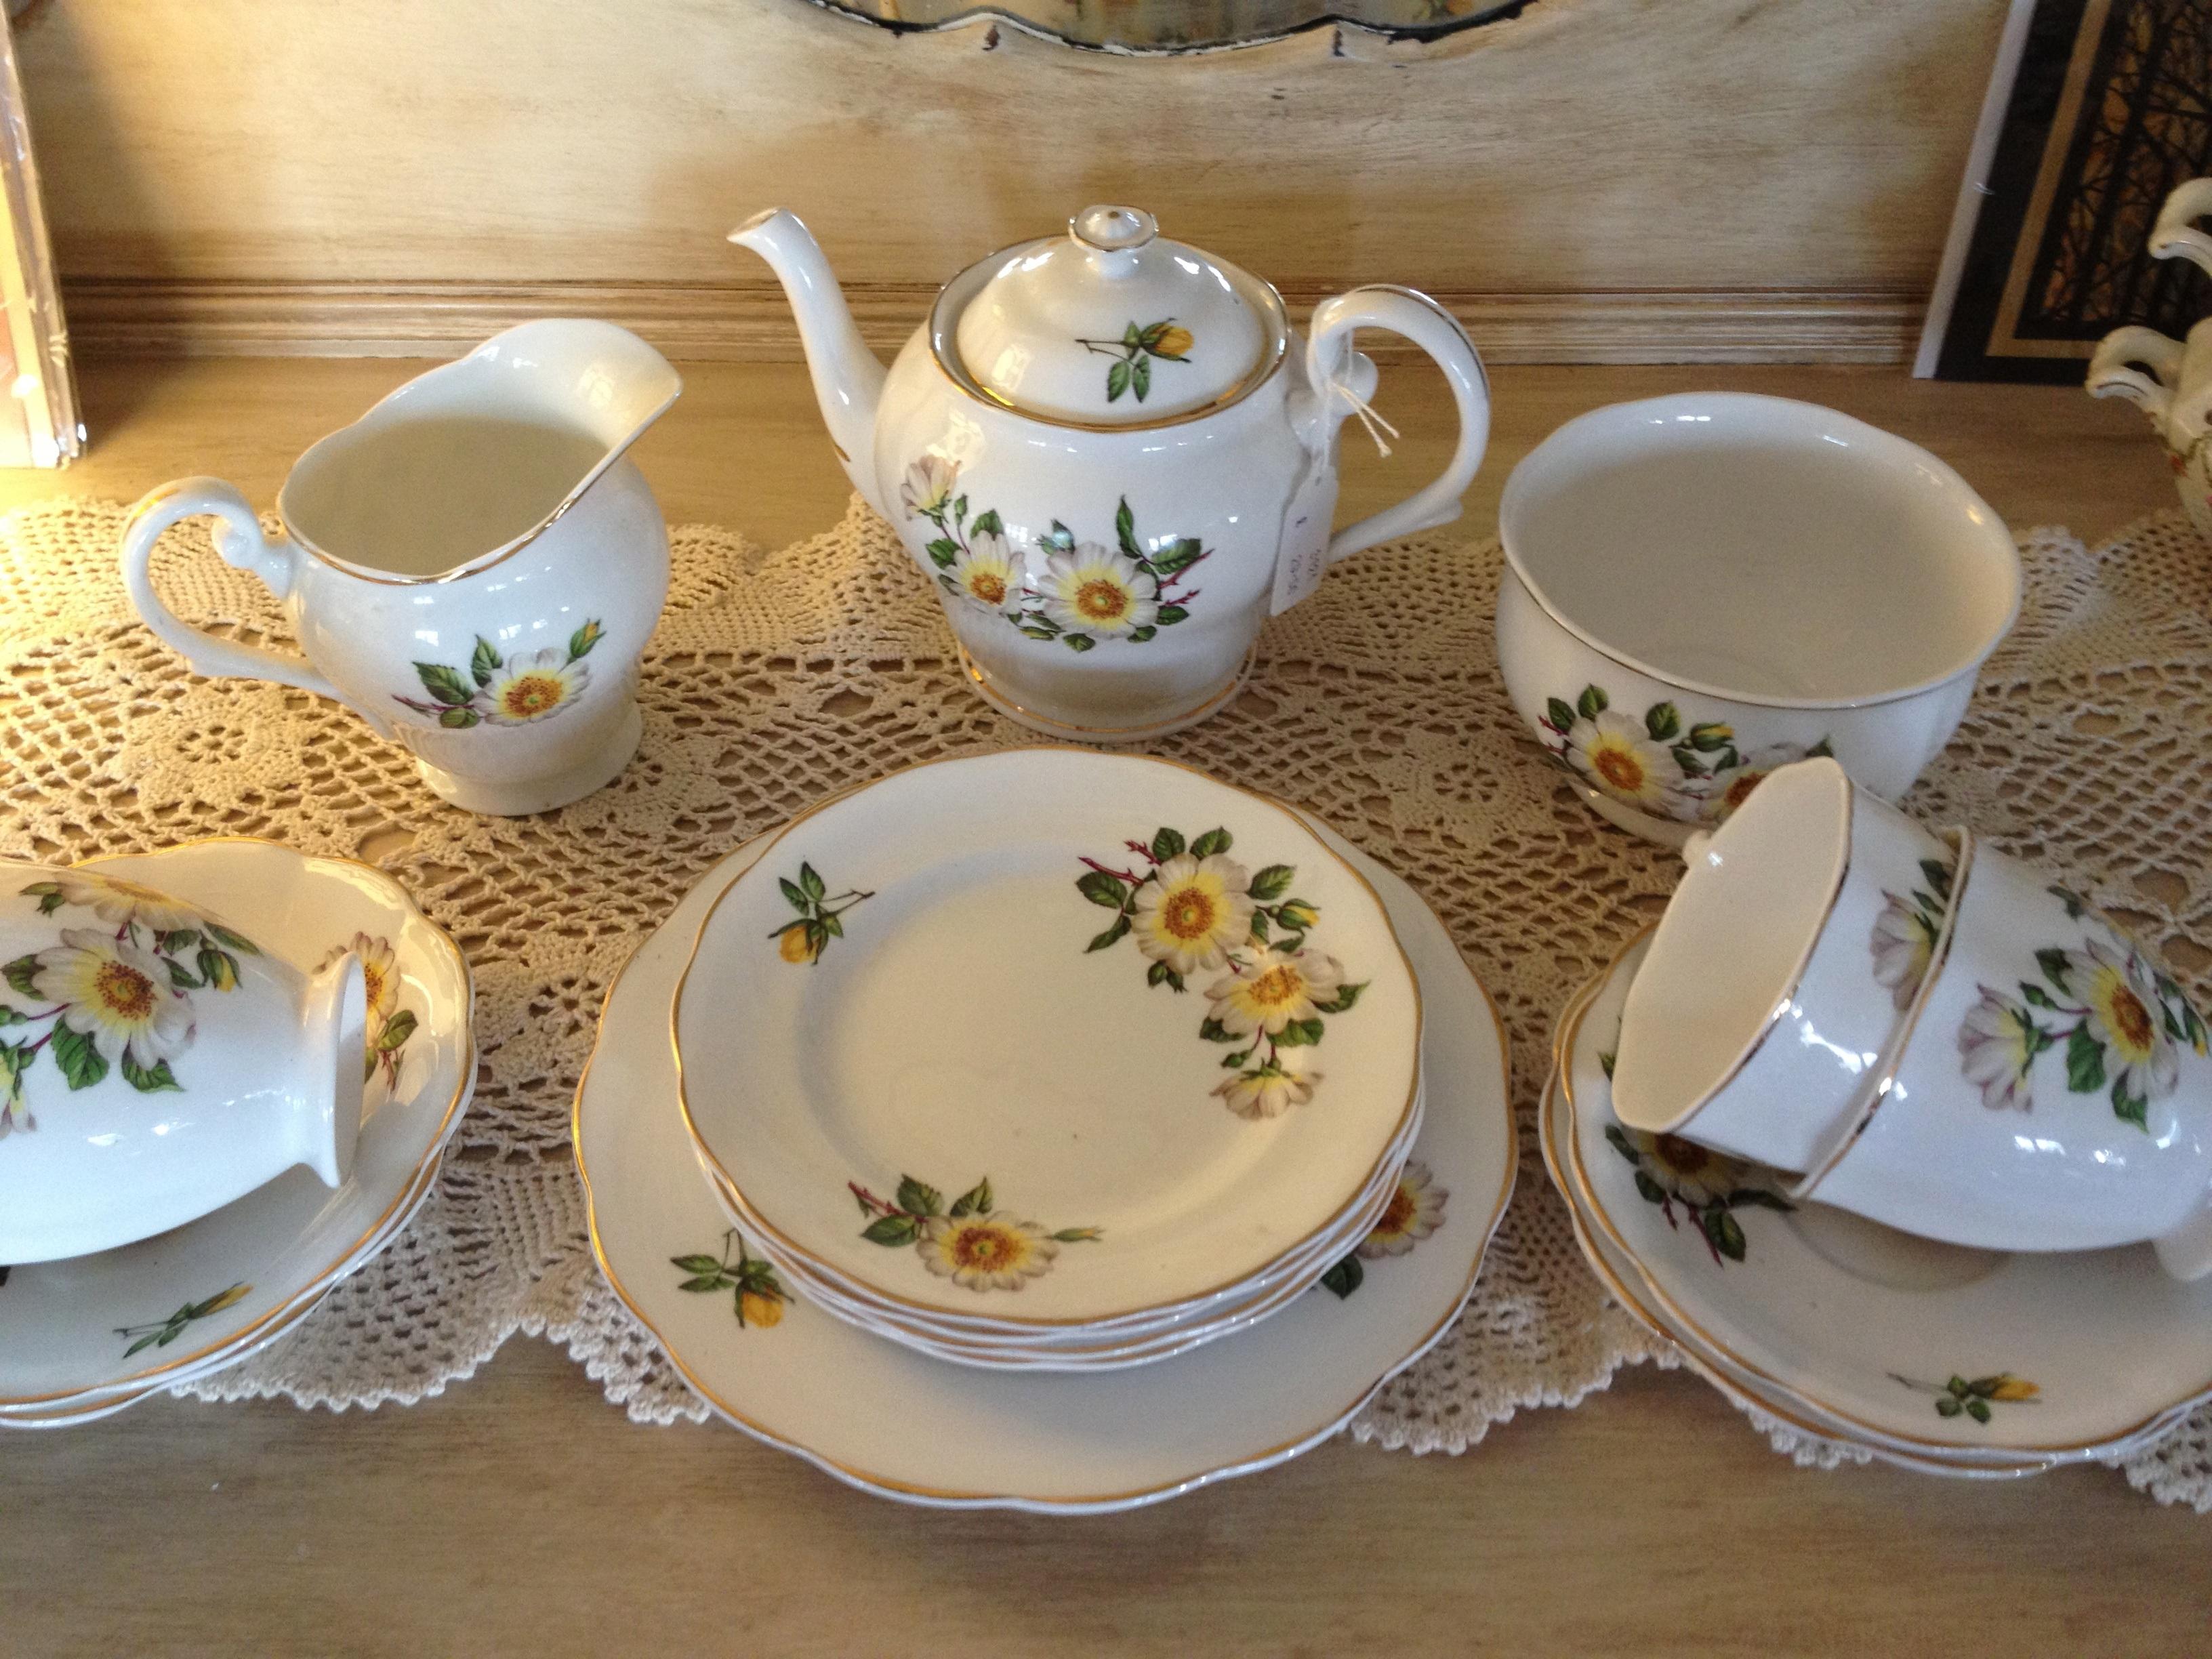 Gratis billeder : te, tepotte, kop, måltid, underkop, keramisk, drik